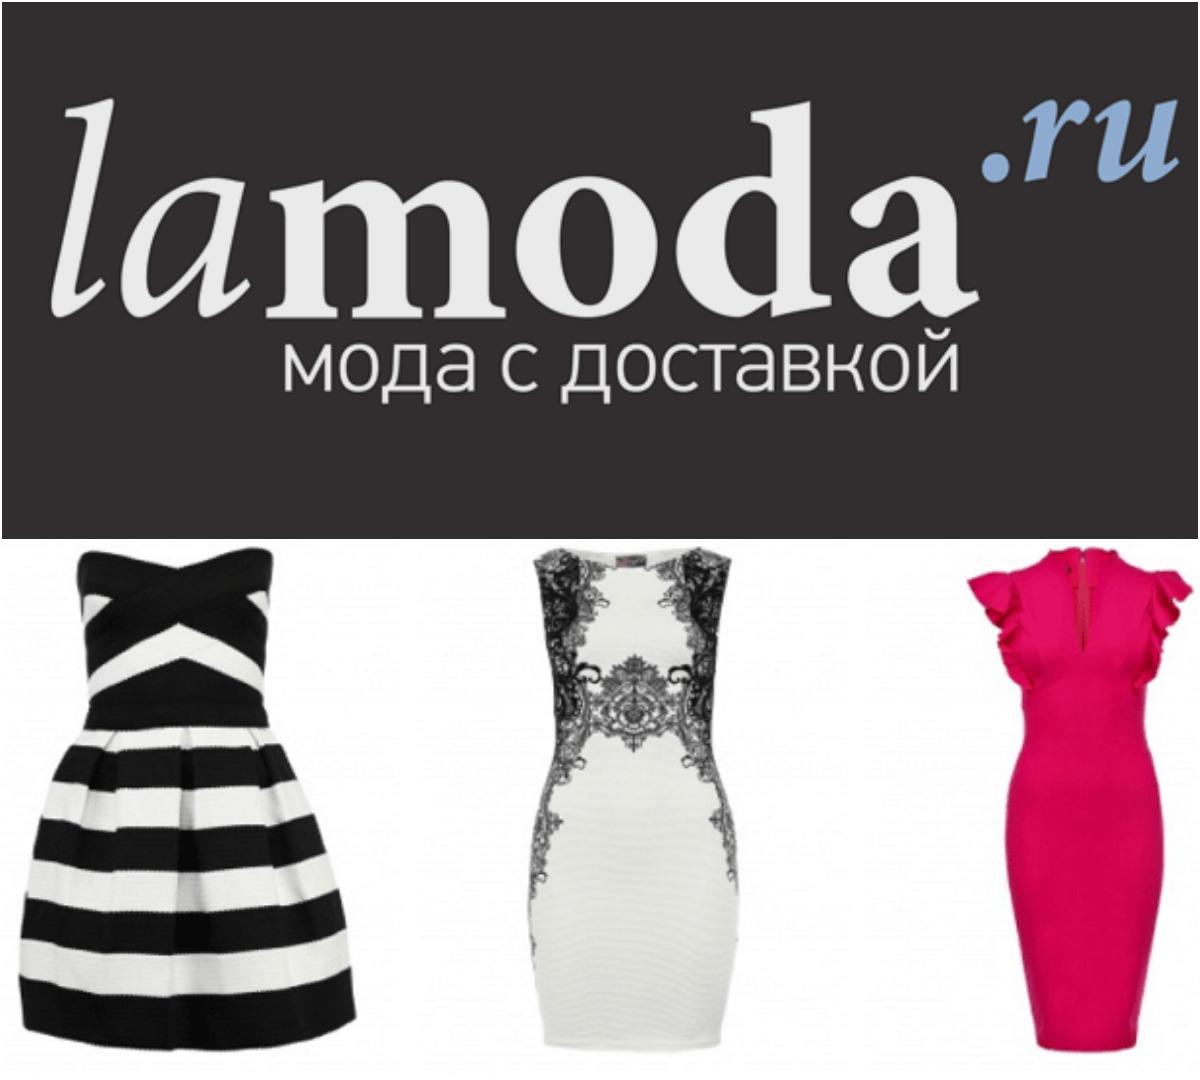 2d2e4423be299 Узнайте, сколько позиций одежды и обуви, сколько размеров одежды и обуви вы  сможете заказать на Ламода за один раз.